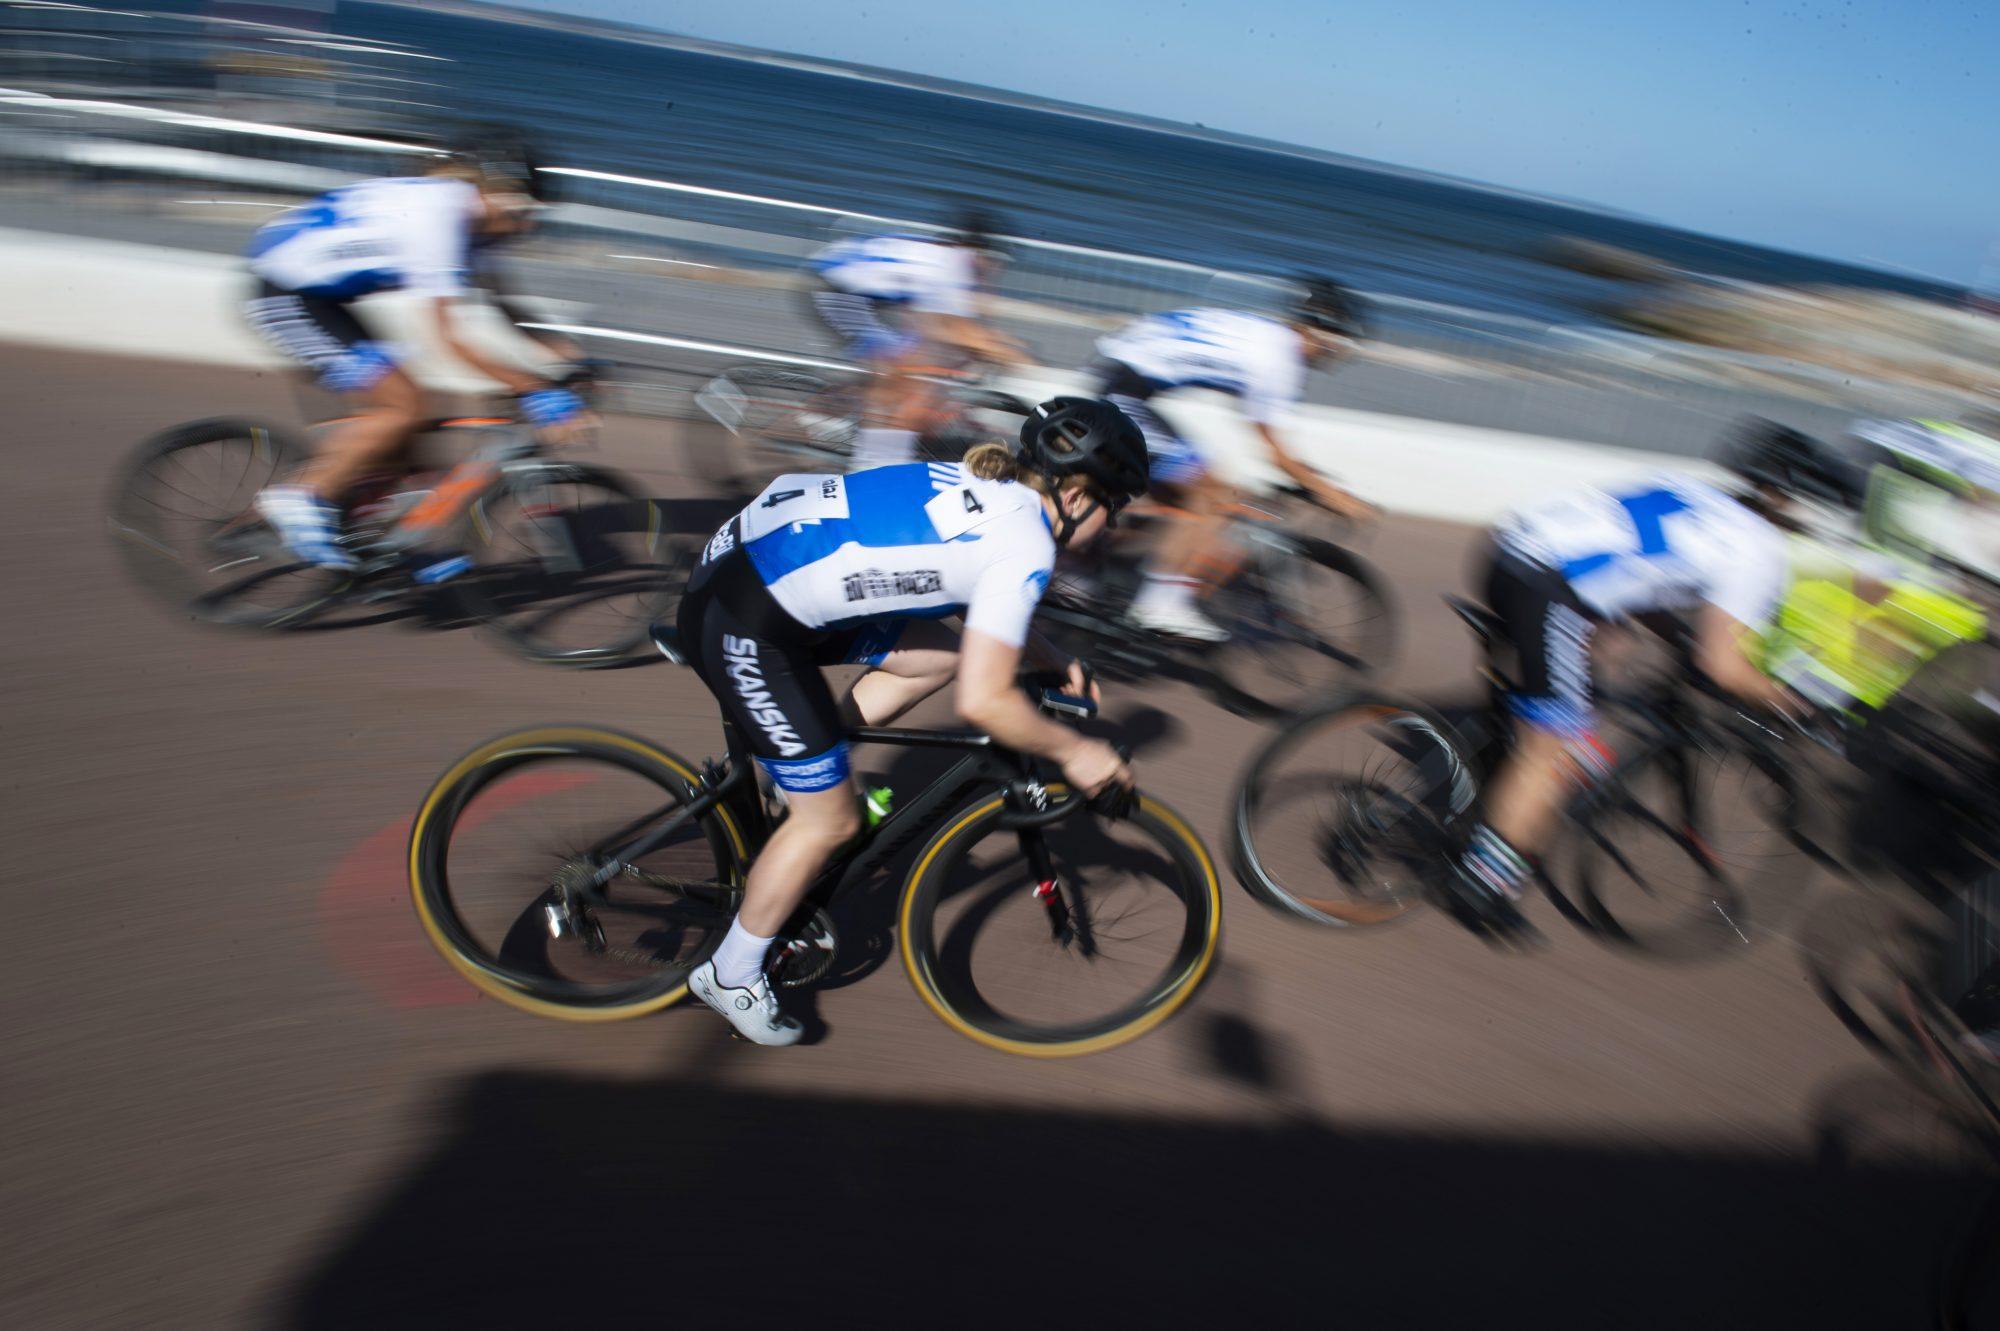 Josefin Bergman tävlar i cykel, kortbana, under dag 6 av SM-veckan 2018 den 7 juli 2018 i Helsingborg.